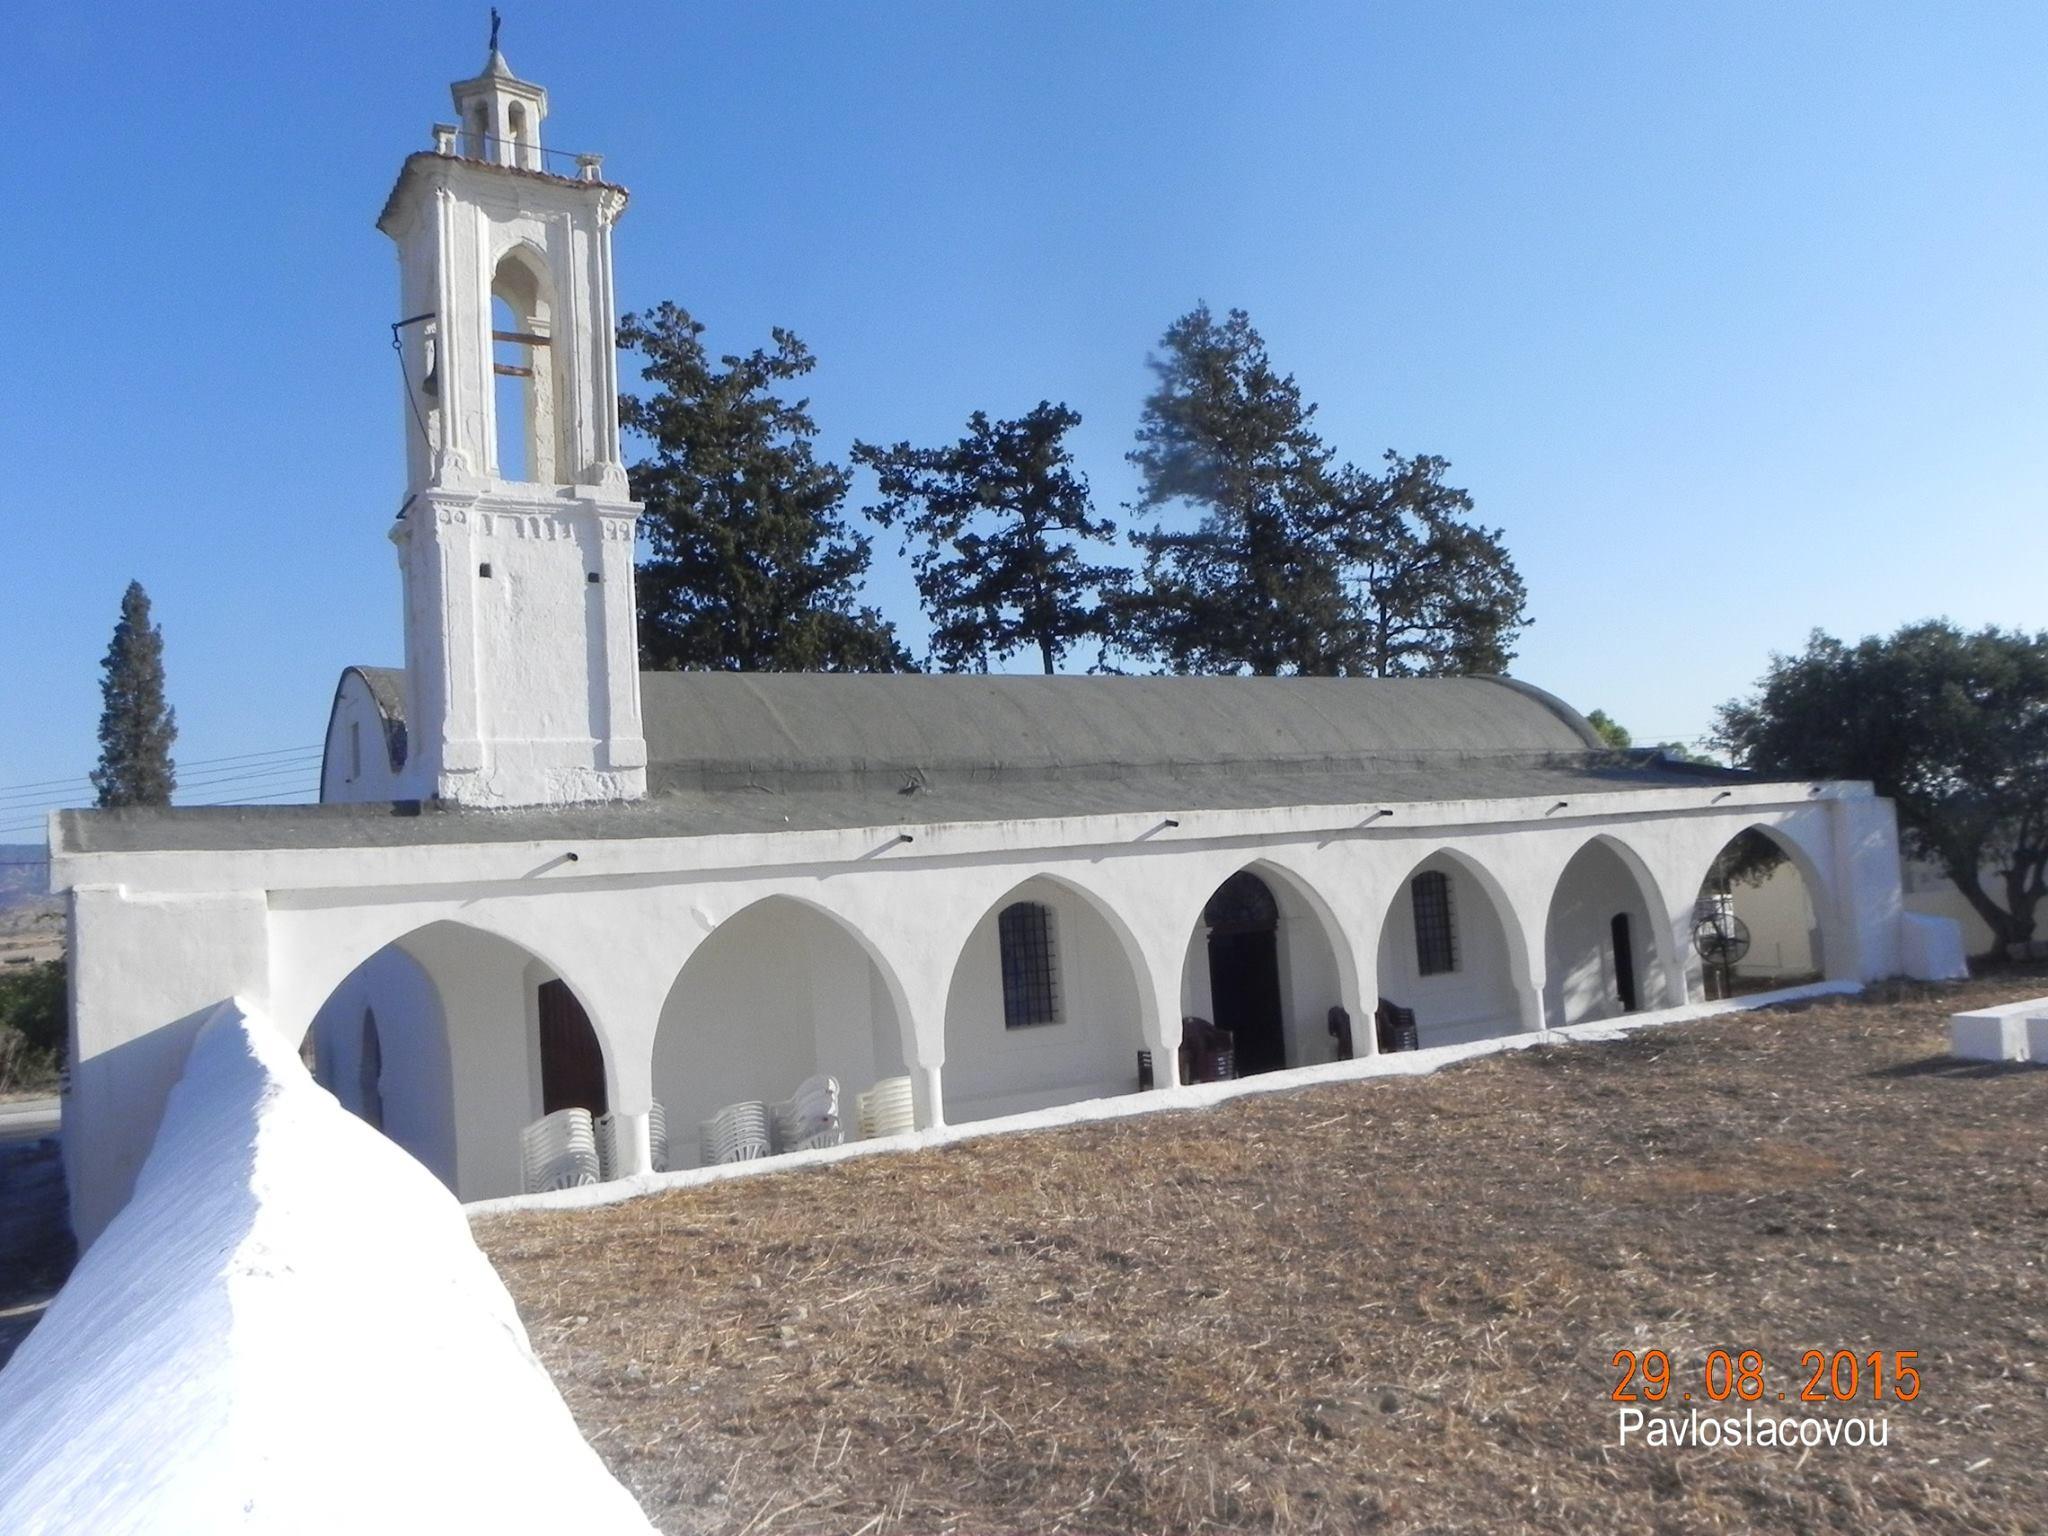 Θεία Λειτουργία στην Εκκλησία Τιμίου Προδρόμου στην κατεχόμενη Γύψου (27-08-2017)